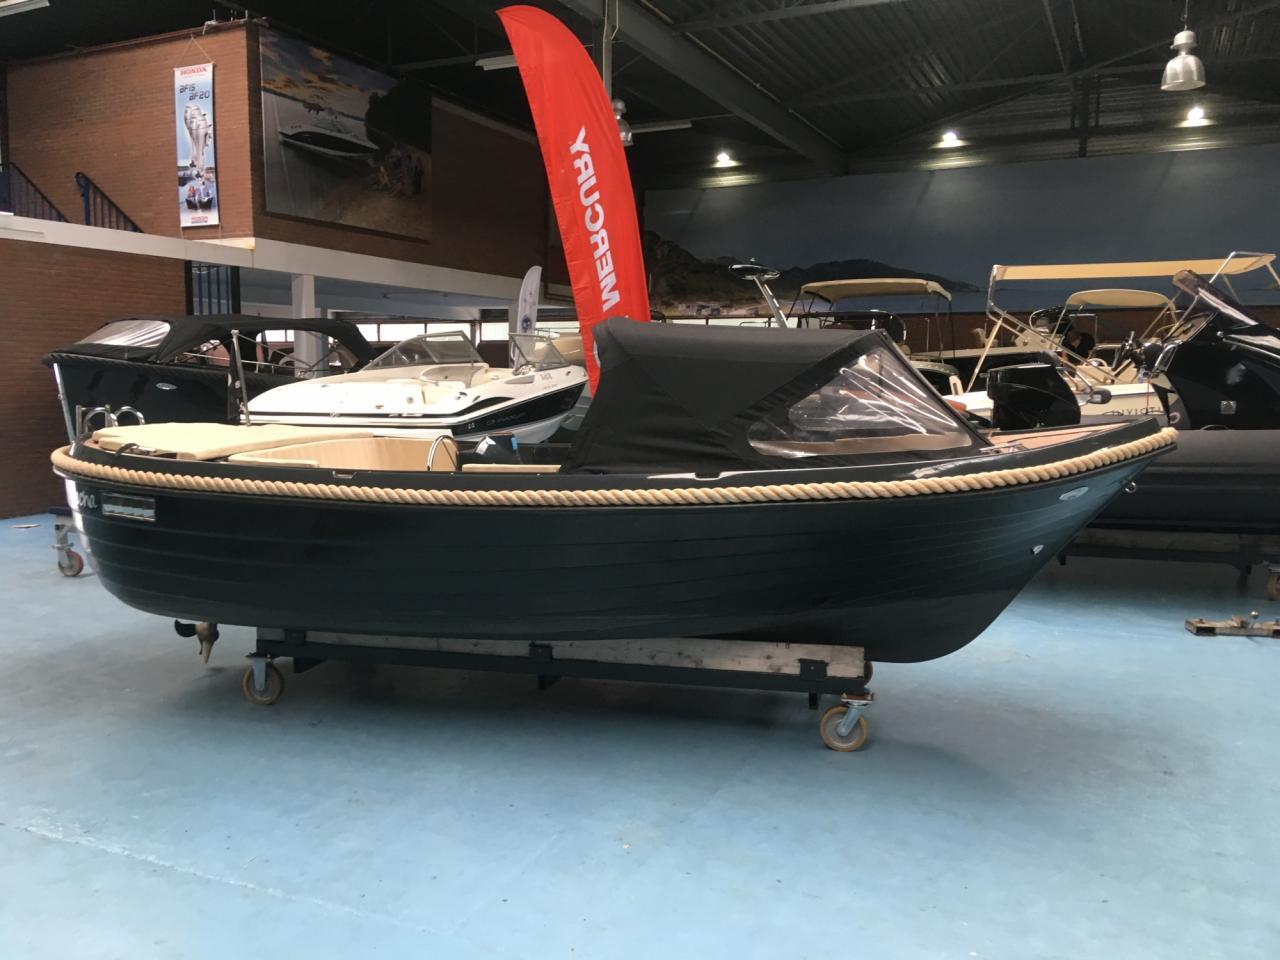 Anker 575 deluxe met Craftsman Navy 6.0 elektromotor 1